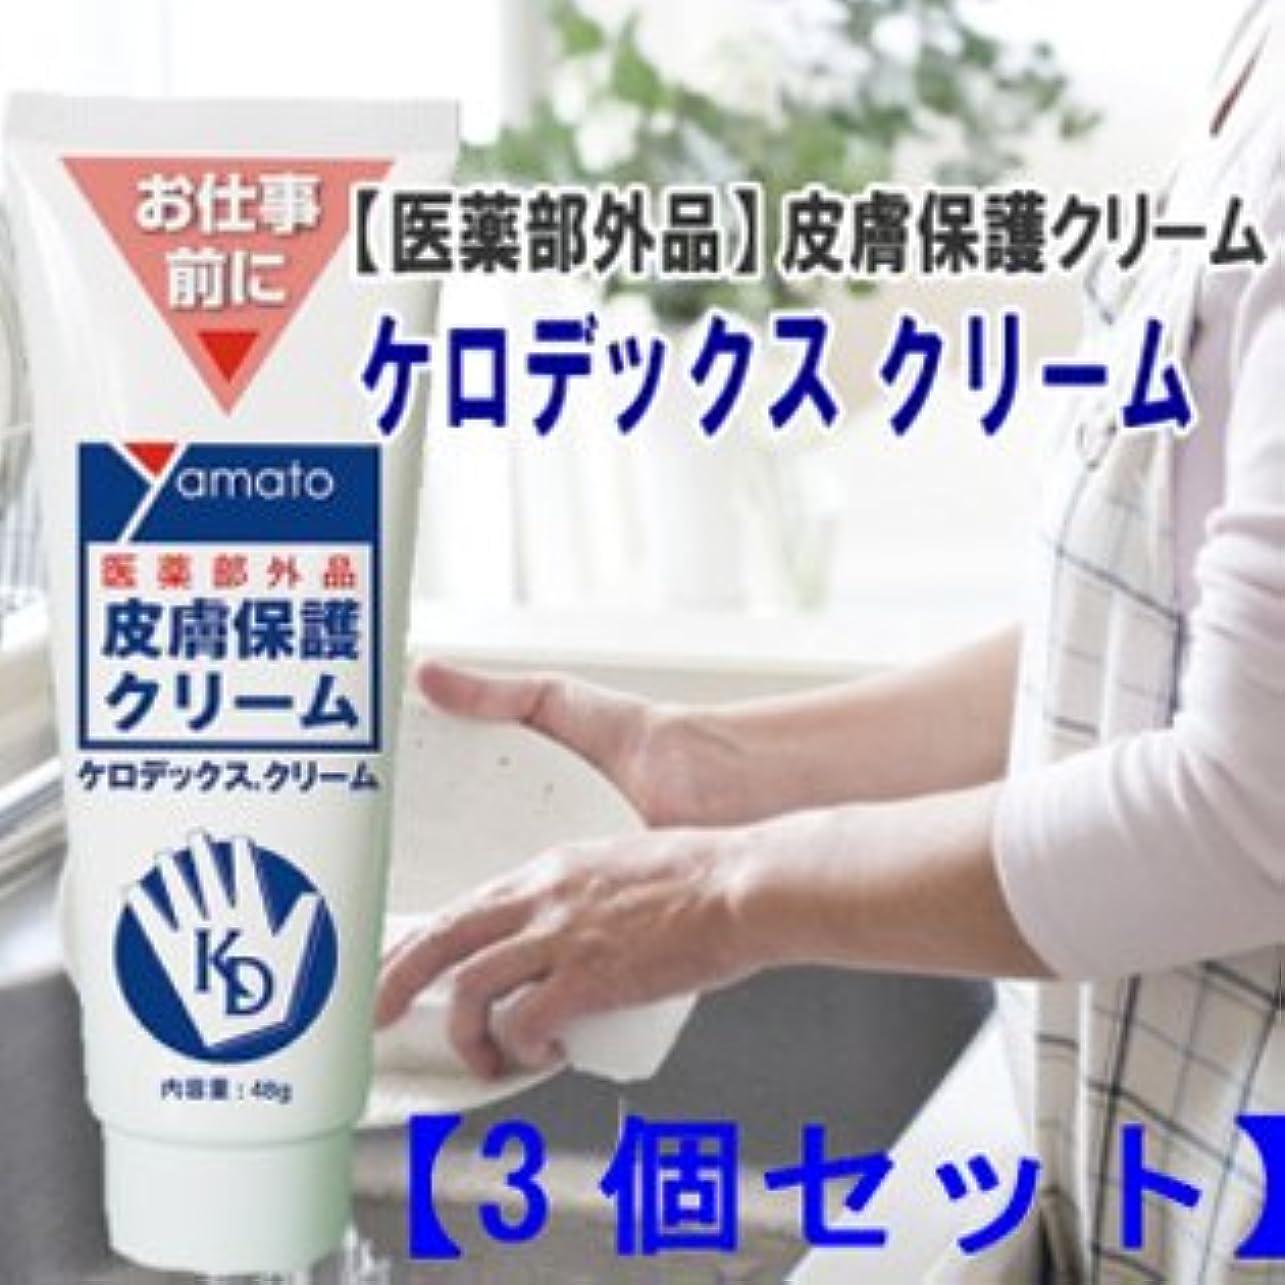 人物共同選択本気医薬部外品 皮膚保護クリーム ケロデックスクリーム48g 3個セット